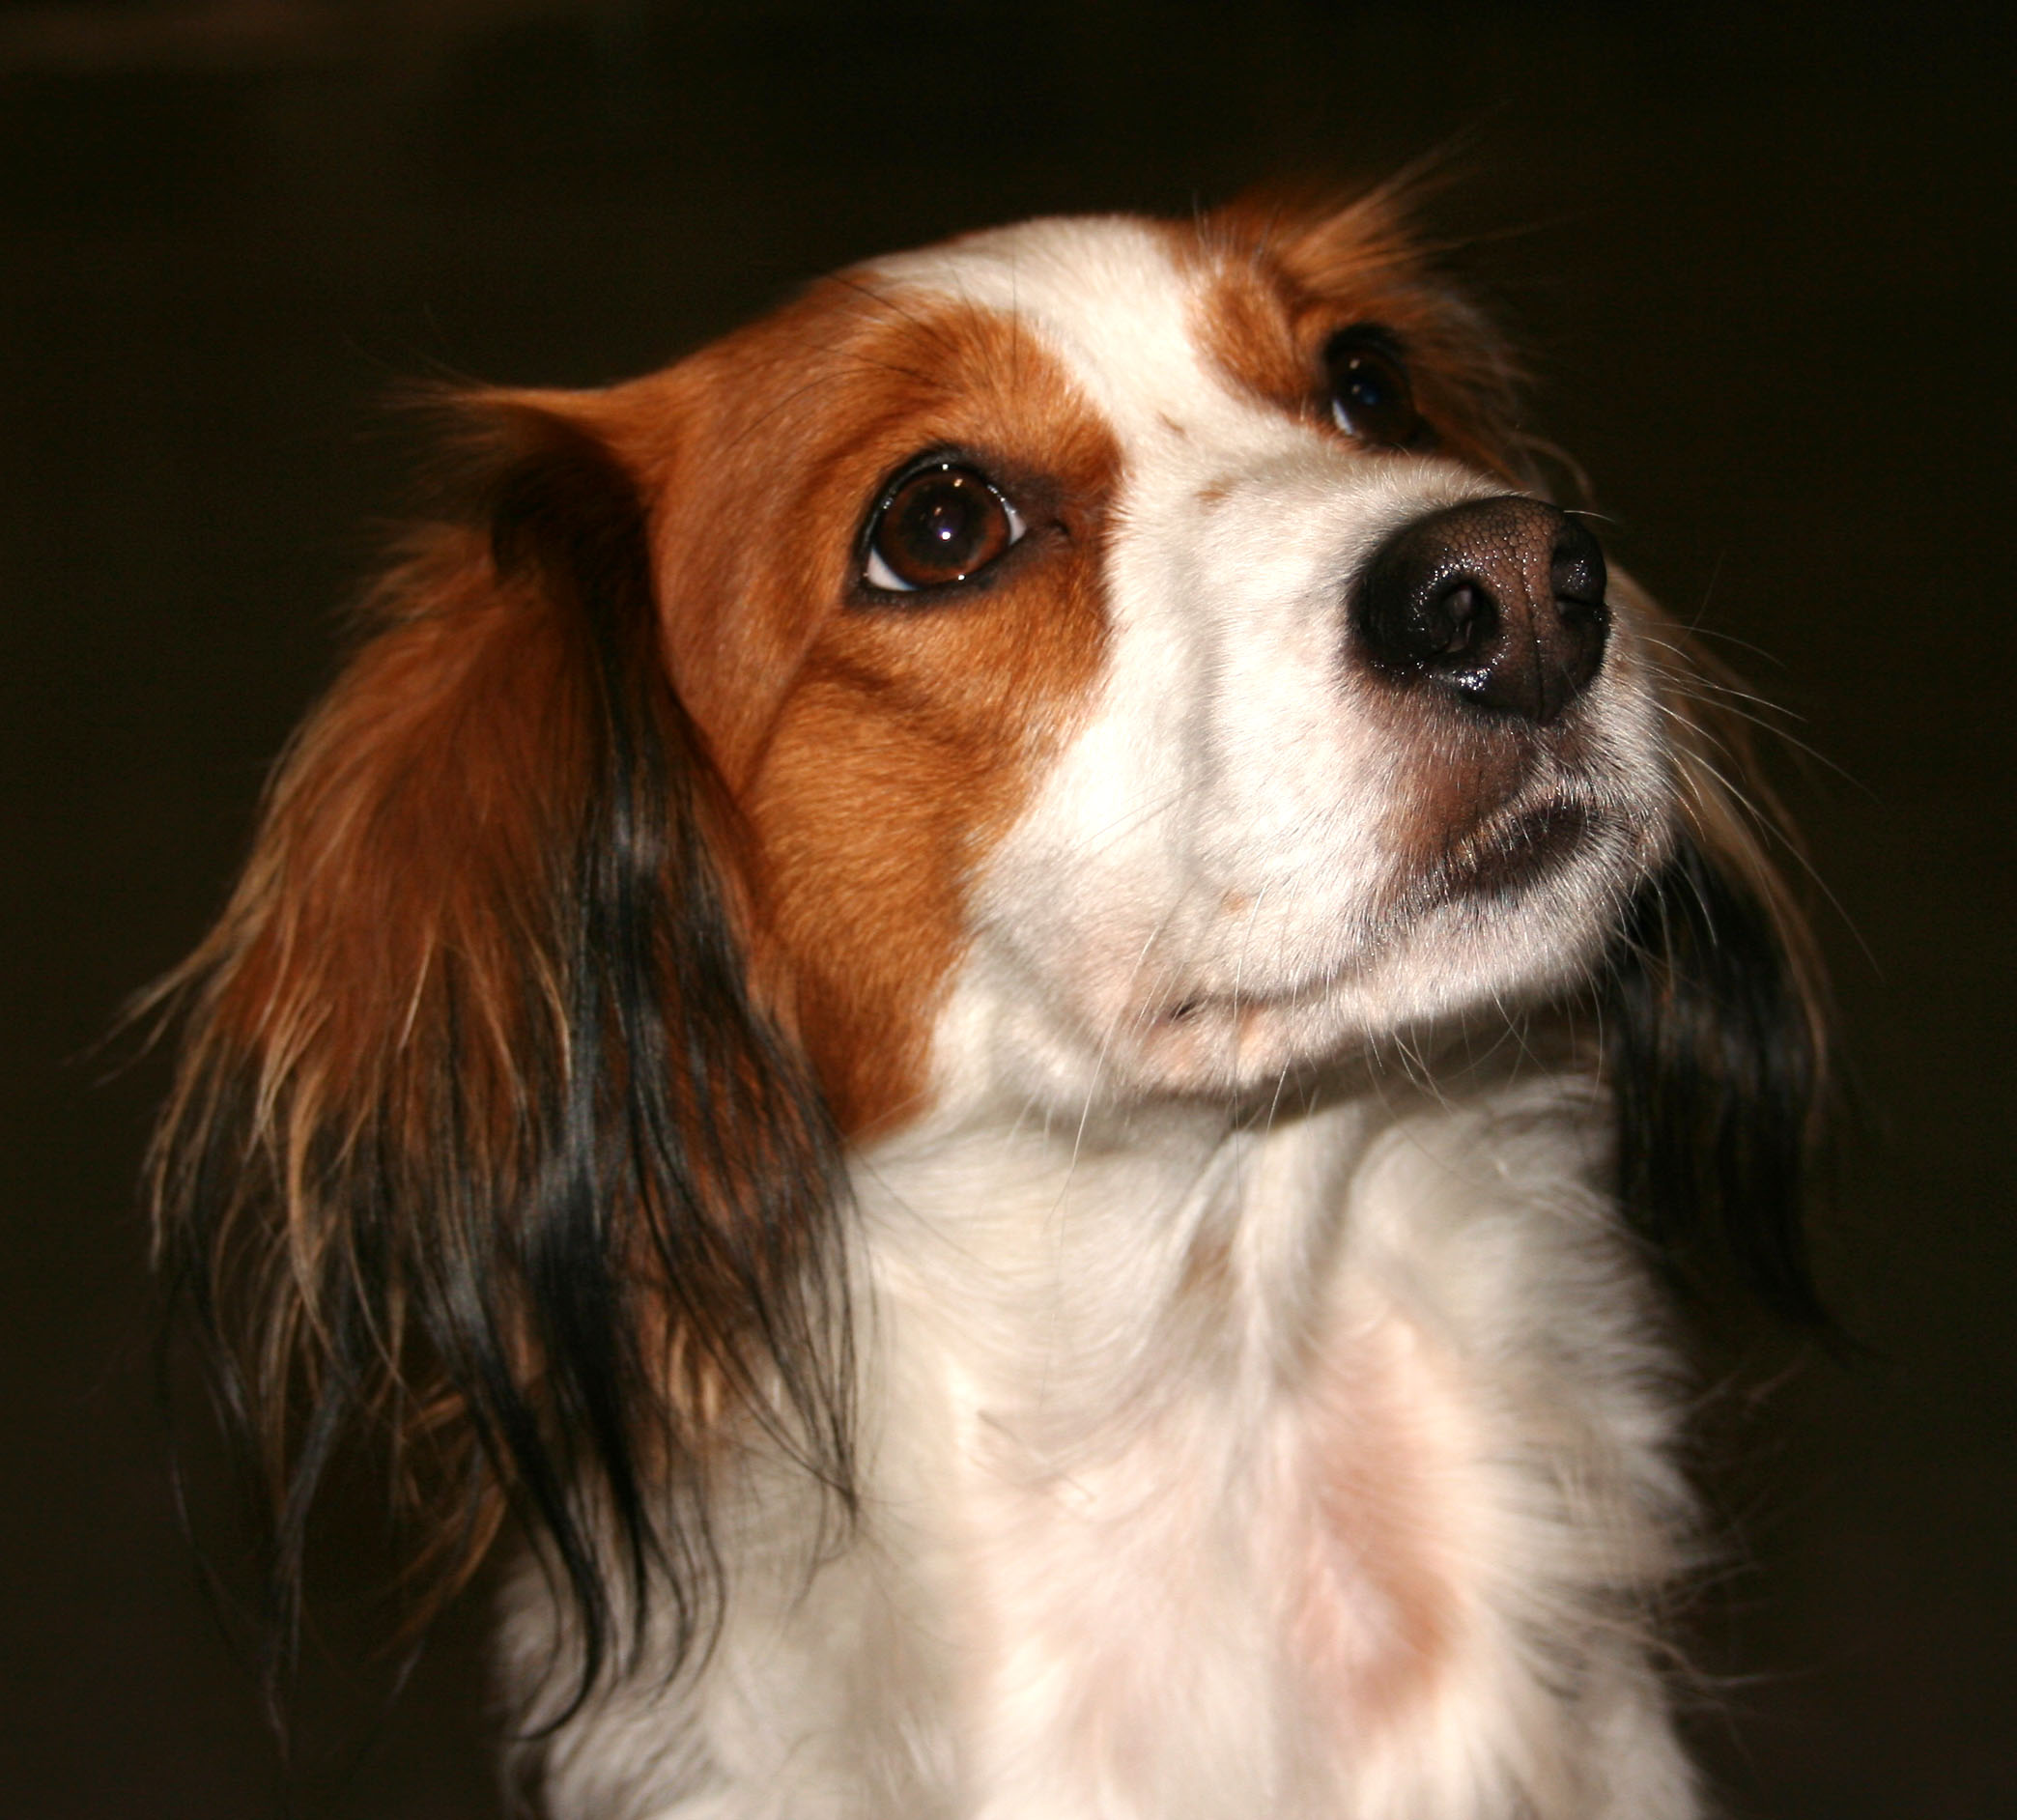 Kooikerhondje Puppies: Kooikerhondje Lovely Kooikerhondje Dog Breed